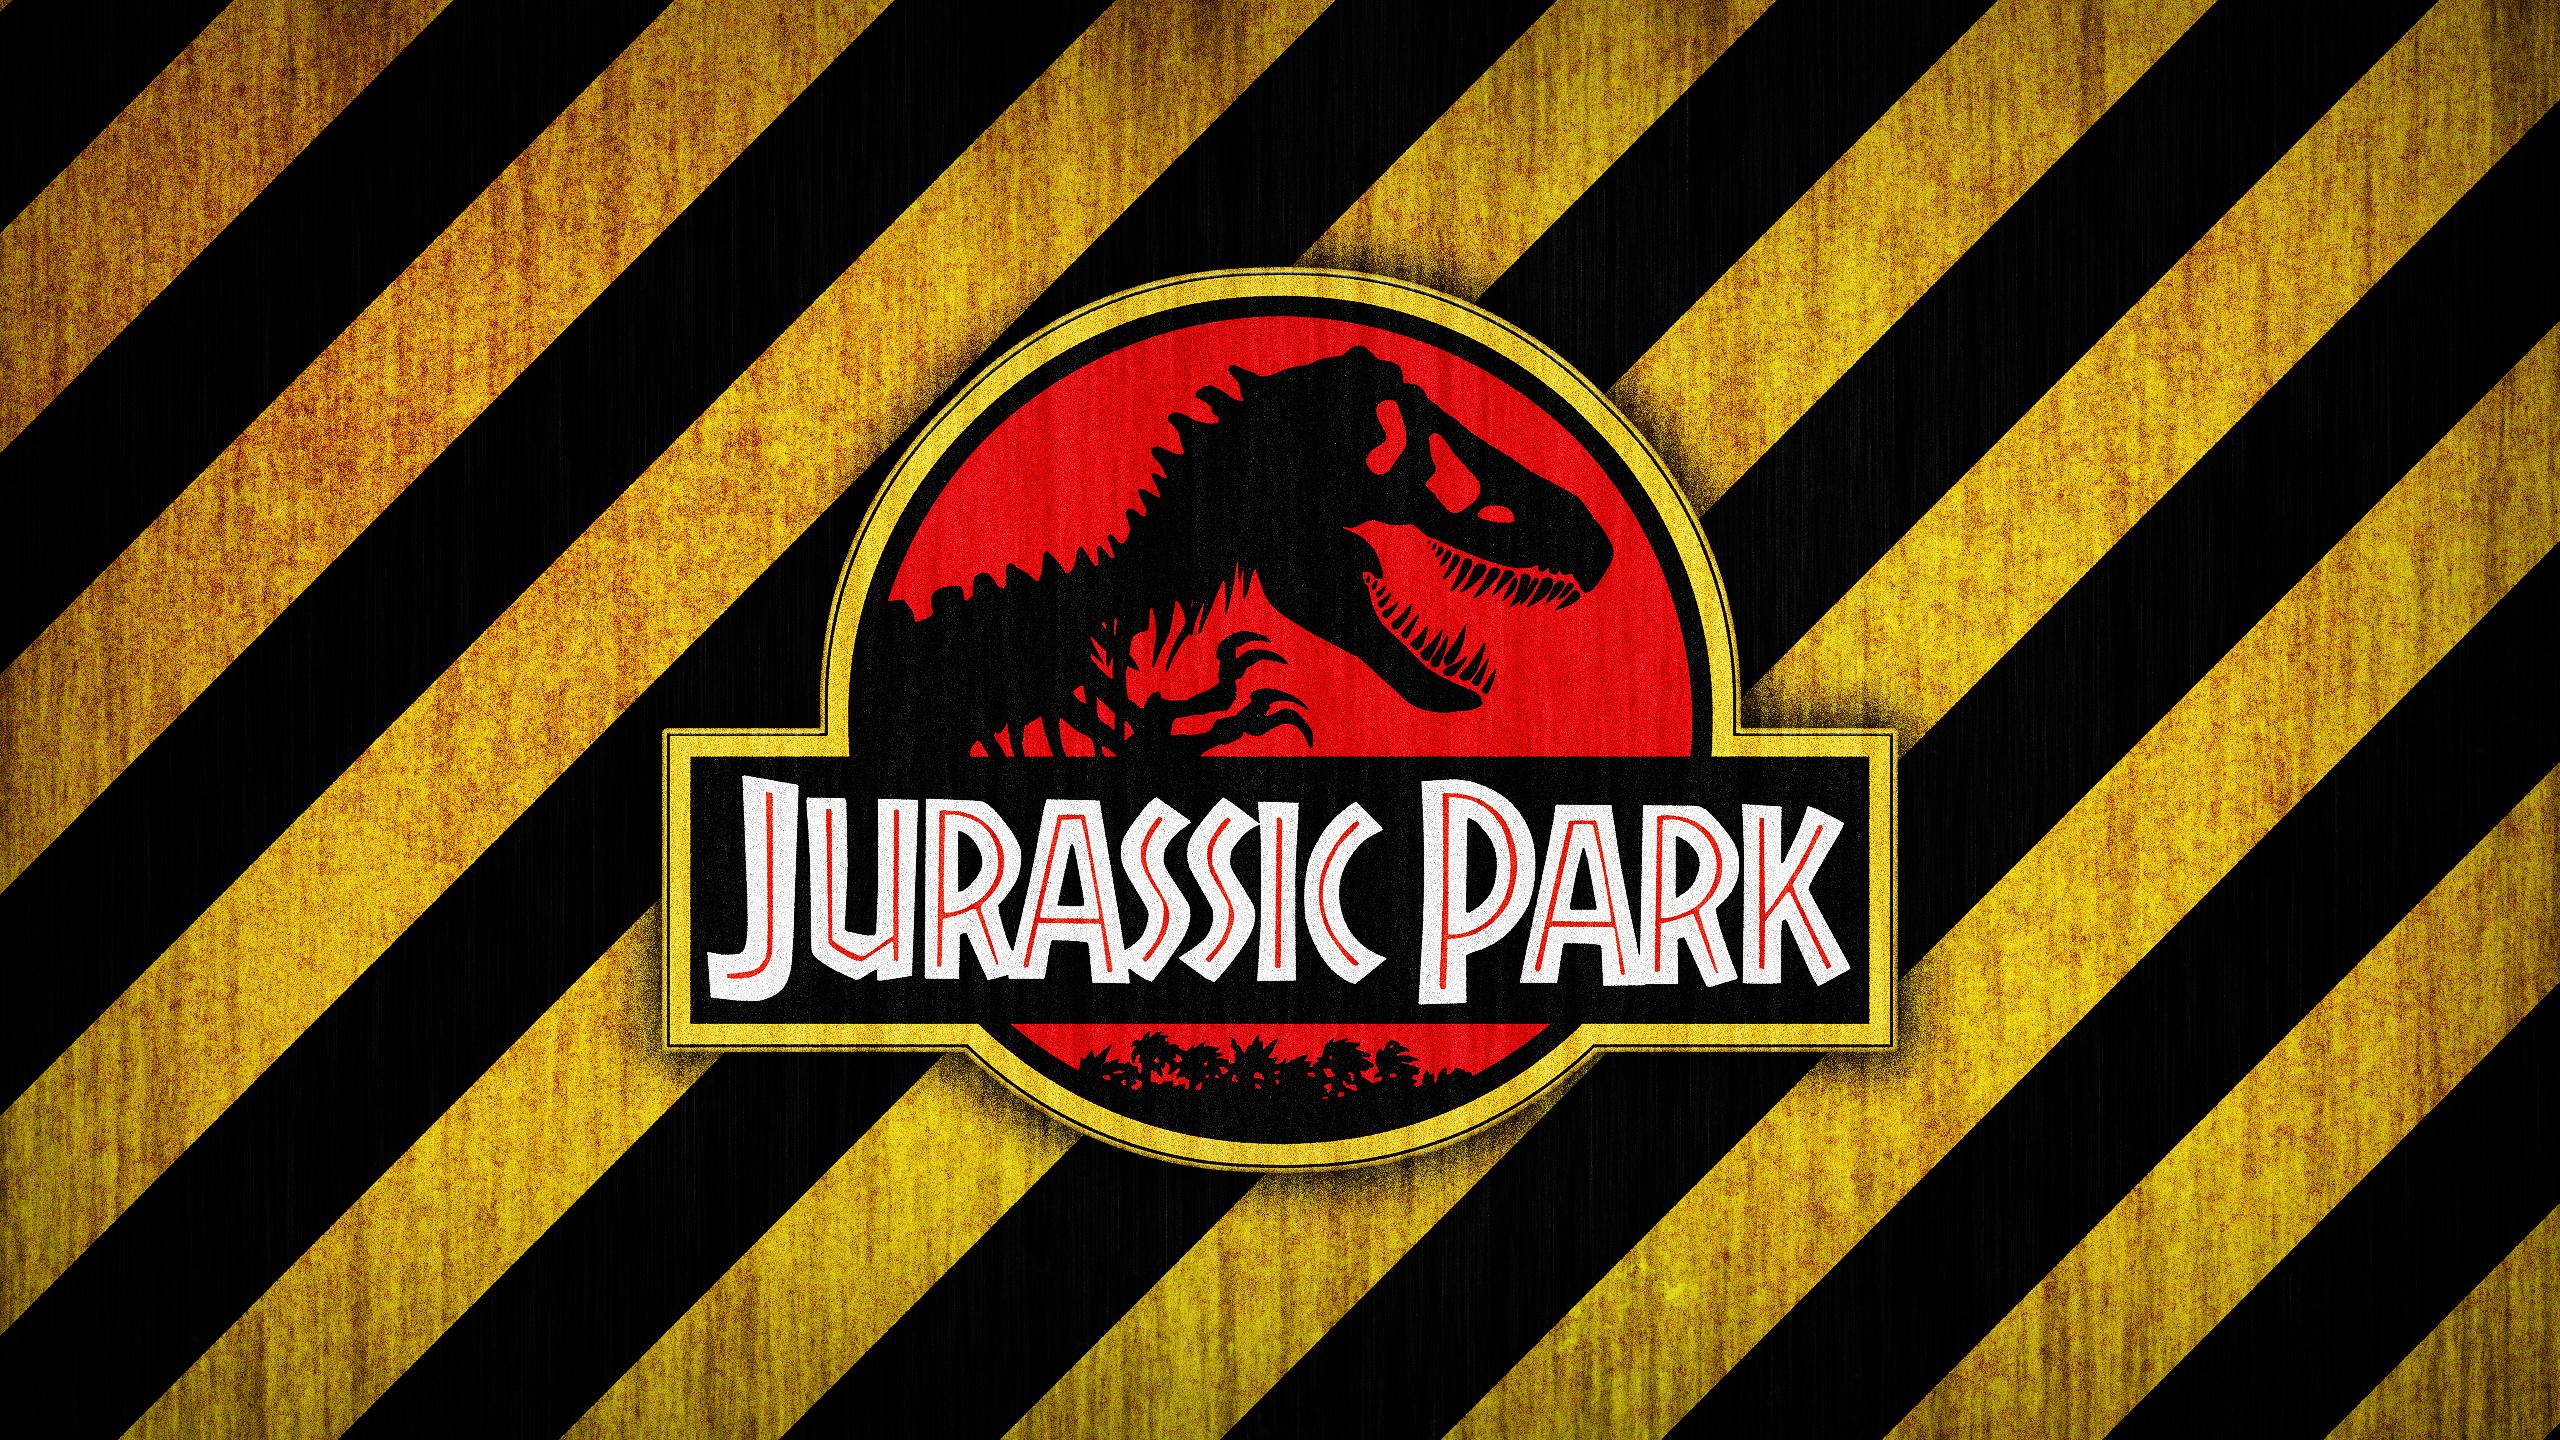 Jurassic Park Computer Wallpapers Desktop Backgrounds 2560x1440